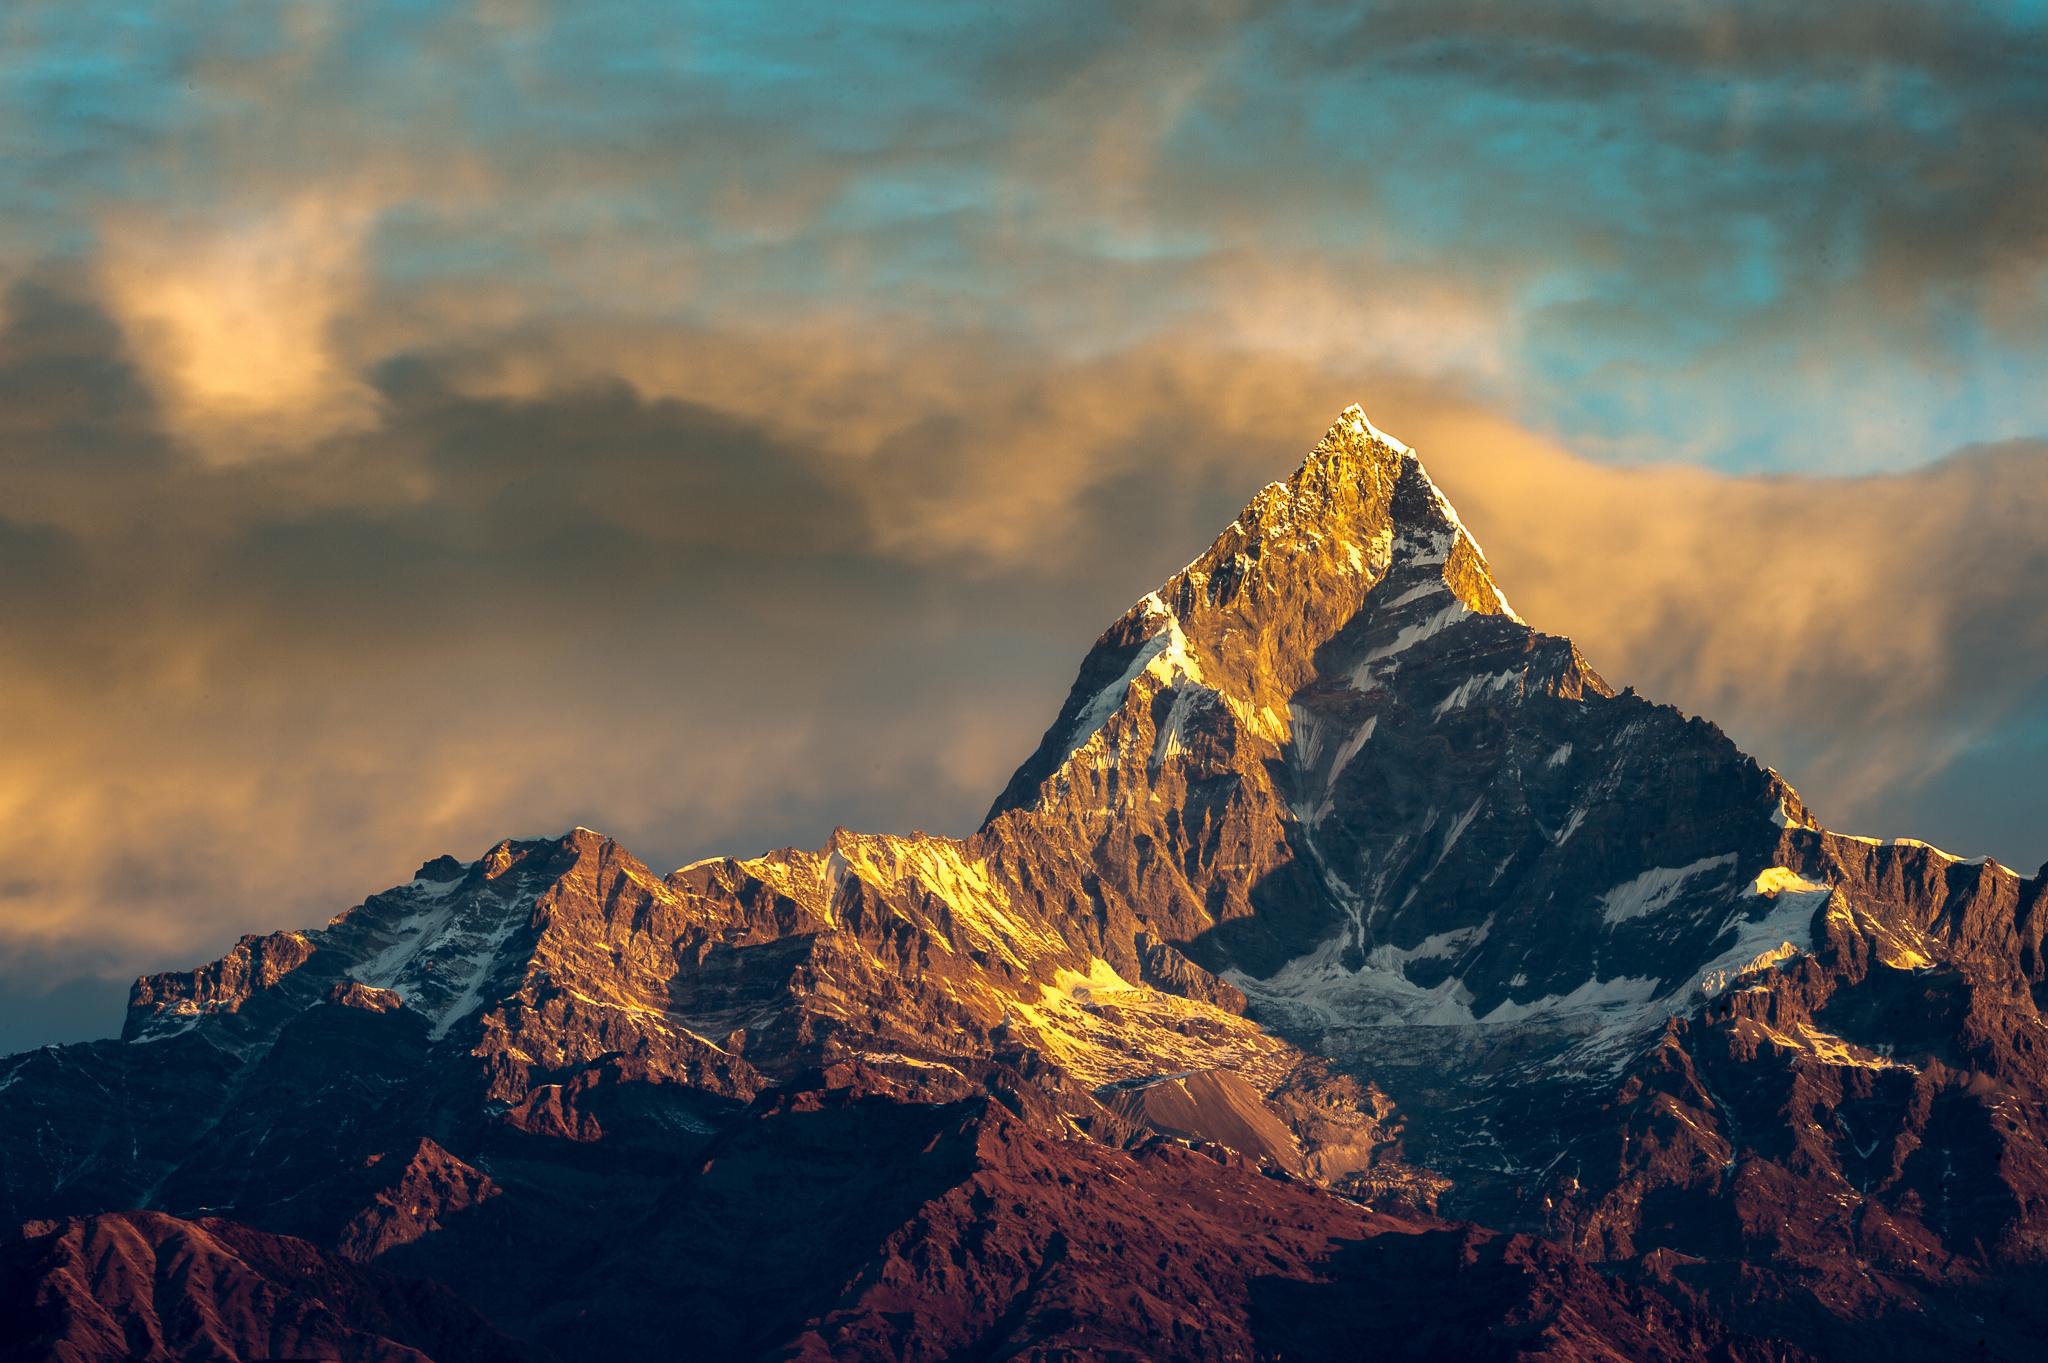 137917 скачать обои Горы, Природа, Небо, Гималаи, Непал, Аннапурна - заставки и картинки бесплатно